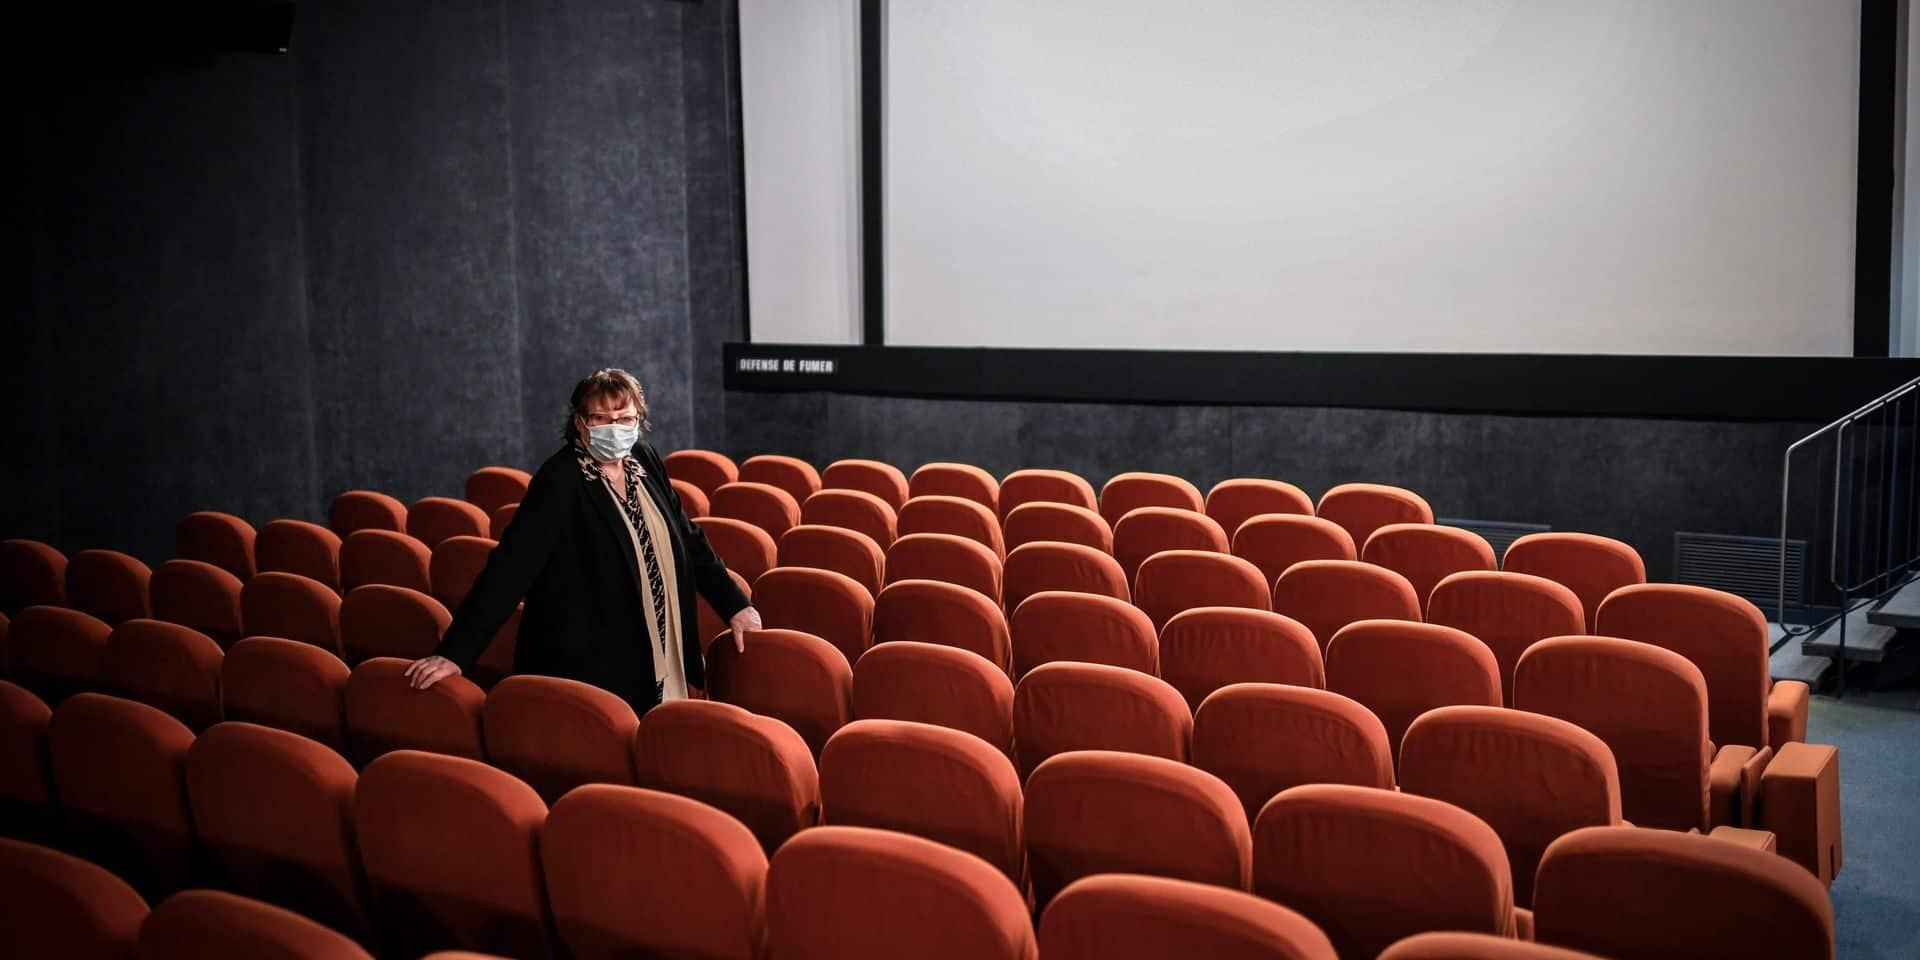 Pour les théâtres et cinémas, l'après-corona sera dur : seuls 19% de spectateurs potentiels dans les 4 mois à venir